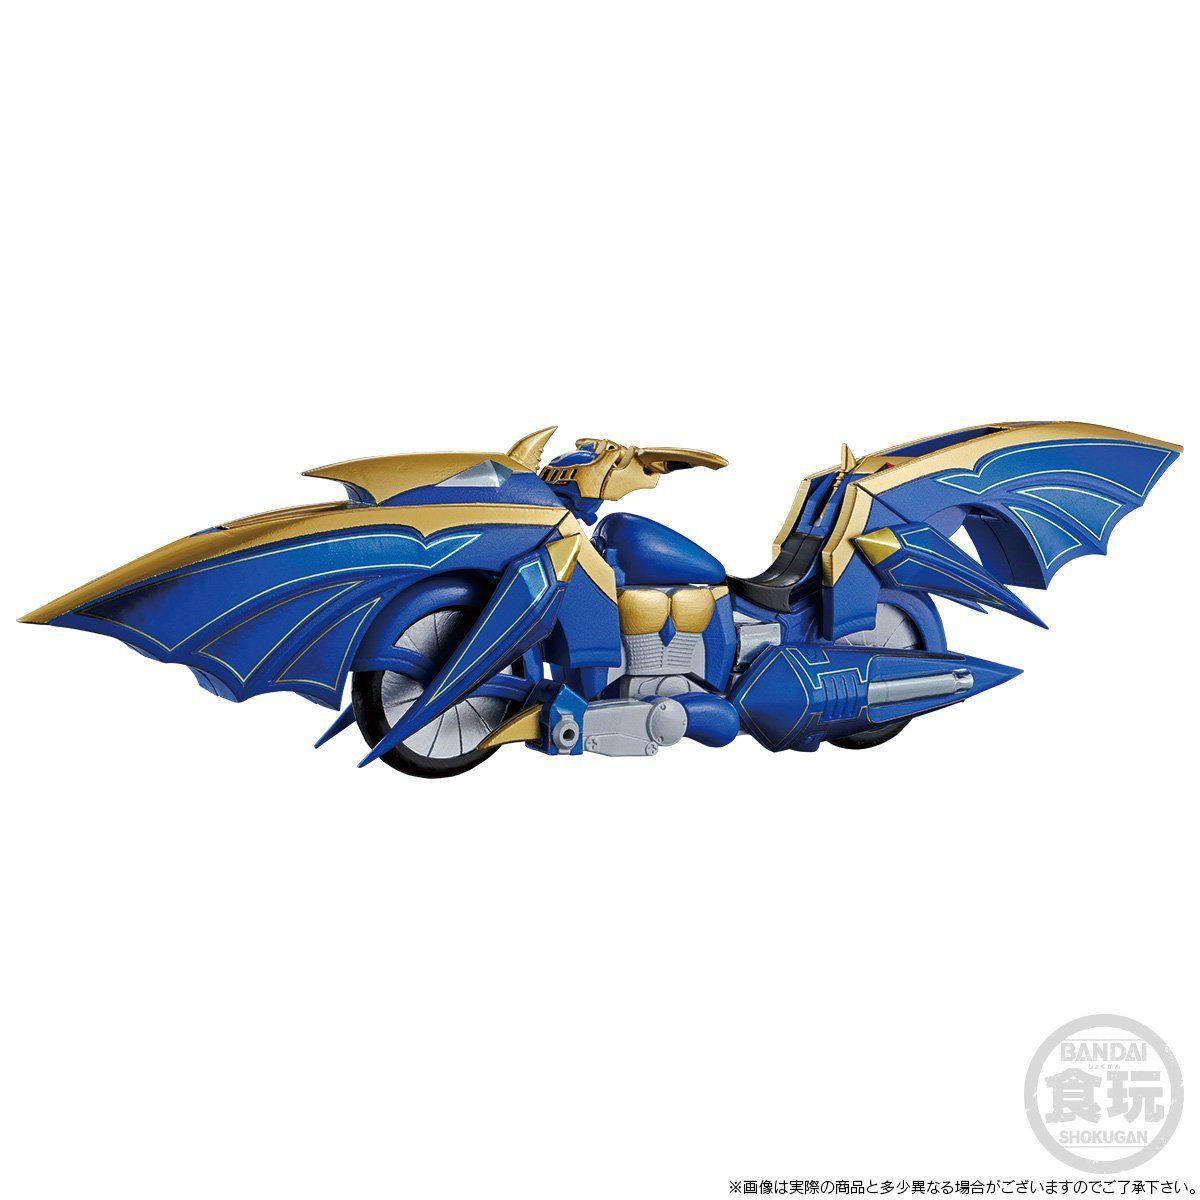 【限定販売】【食玩】SO-DO CHRONICLE『仮面ライダー龍騎 ダークレイダーセット』可動フィギュア-002